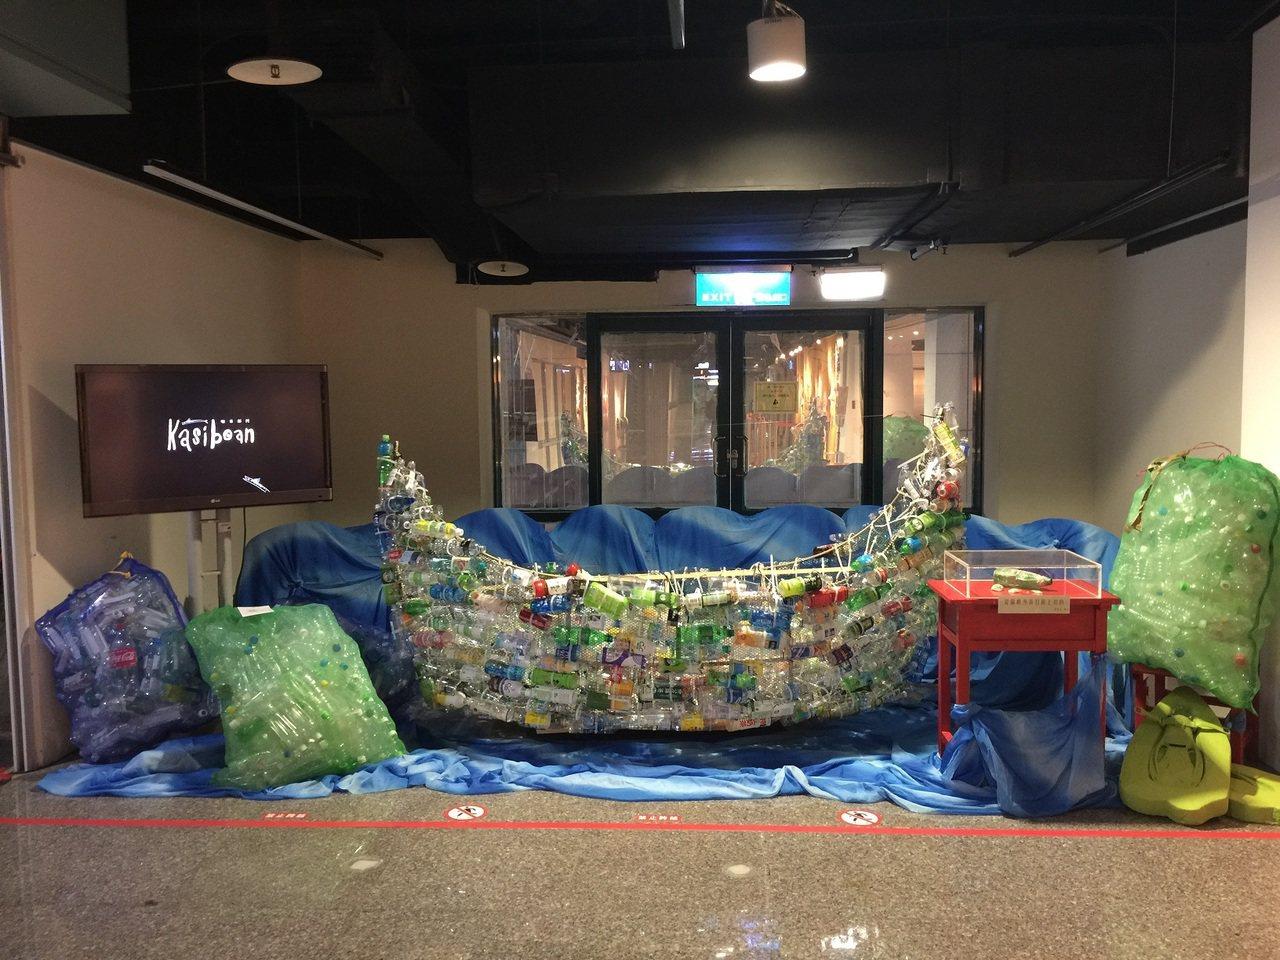 科教館將展出蘭嶼寶特瓶拼板舟。圖/科教館提供